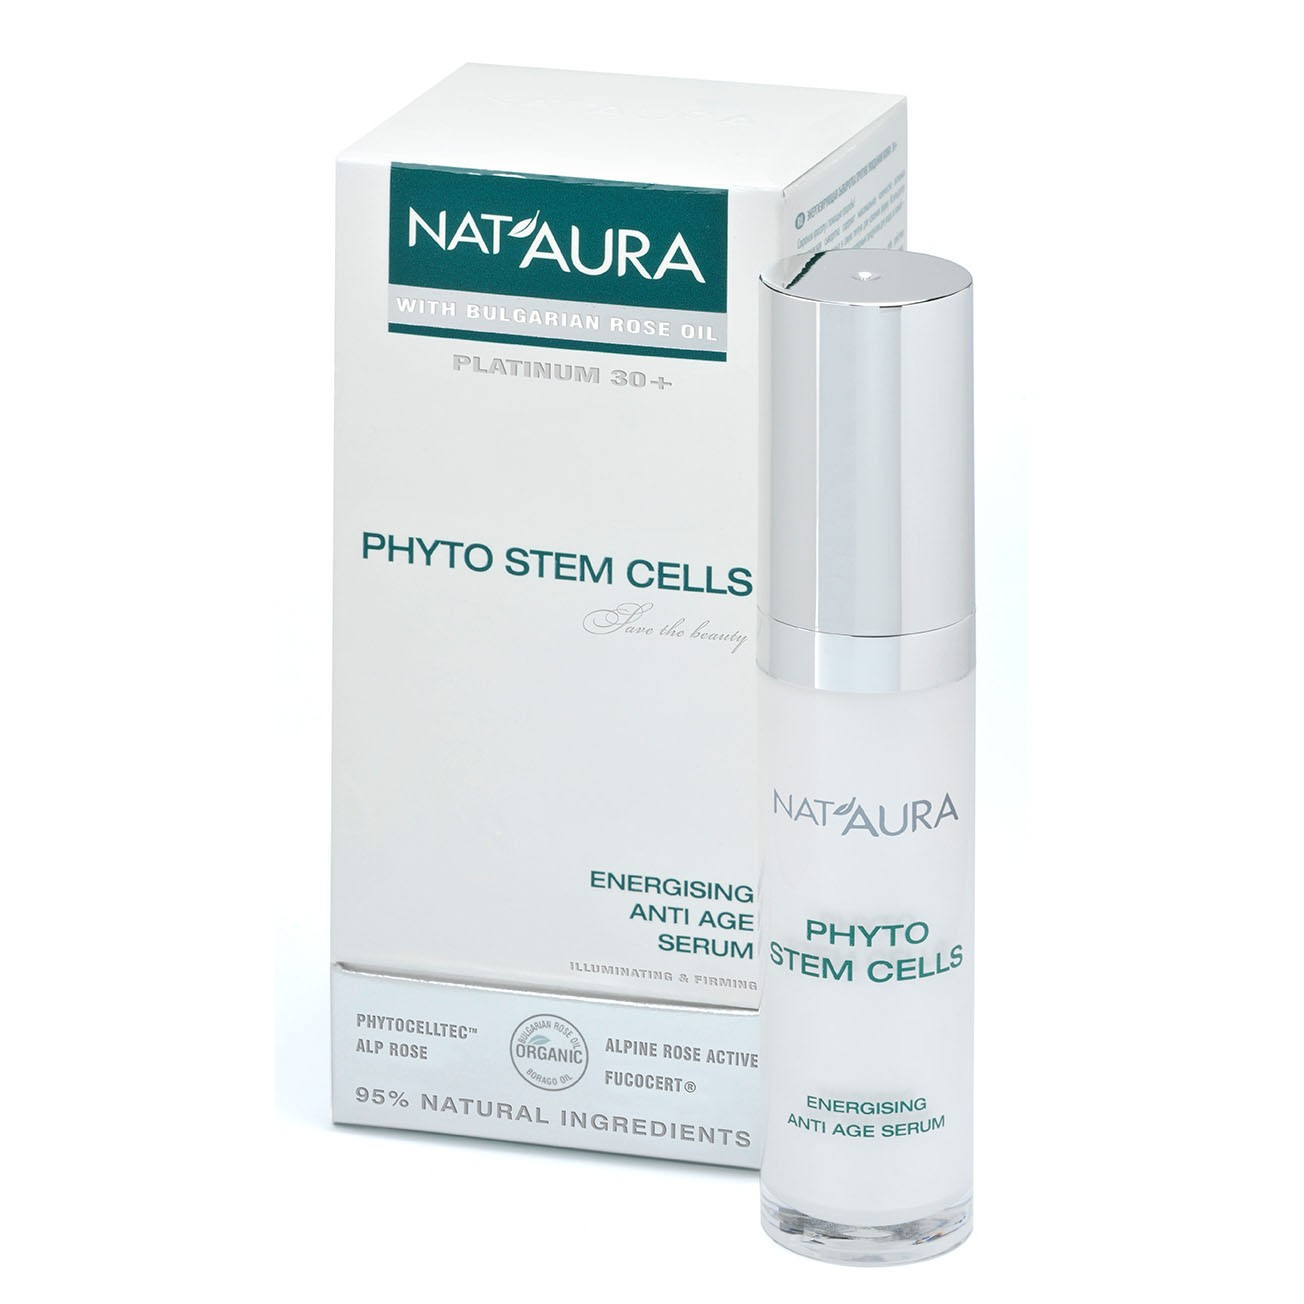 NAT'AURA energizující antiage sérum s růžovým olejem a s bio alpskou růží 30ml (Bohatá formule stimuluje regeneraci pokožky a aktivuje obnovenu buněk. Ideální péče pro prevenci stárnutí pokožky ve věku 30 +)